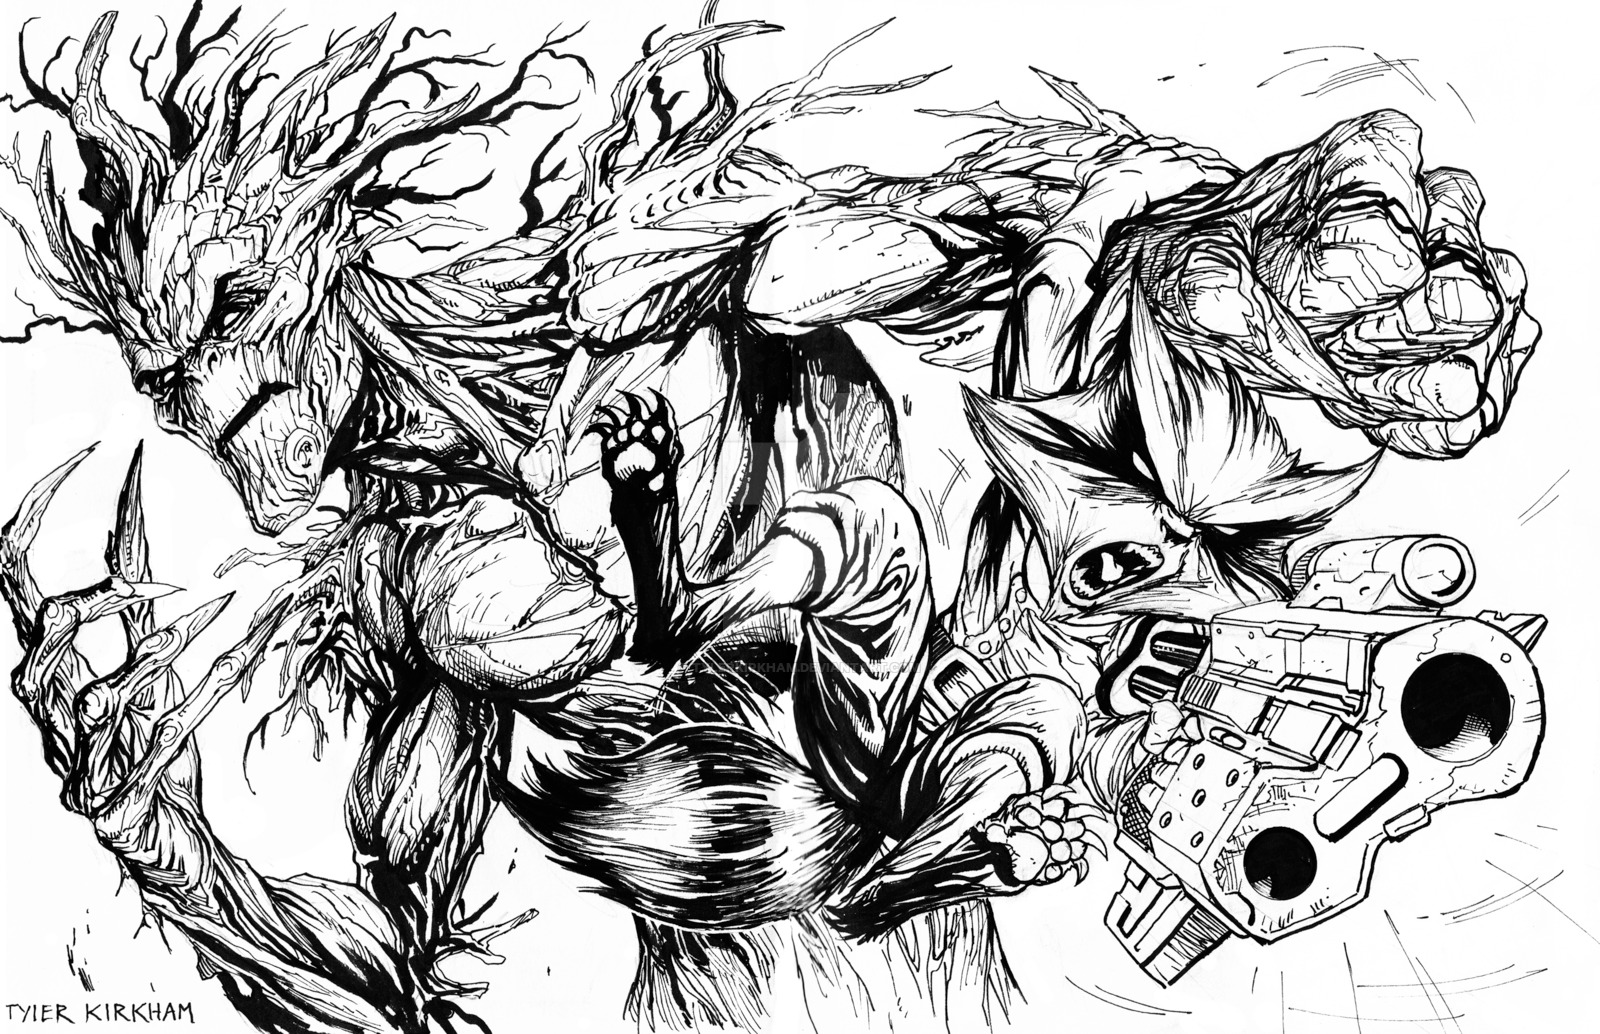 Drawn raccoon groot Rocket TylerKirkham Raccoon Raccoon and